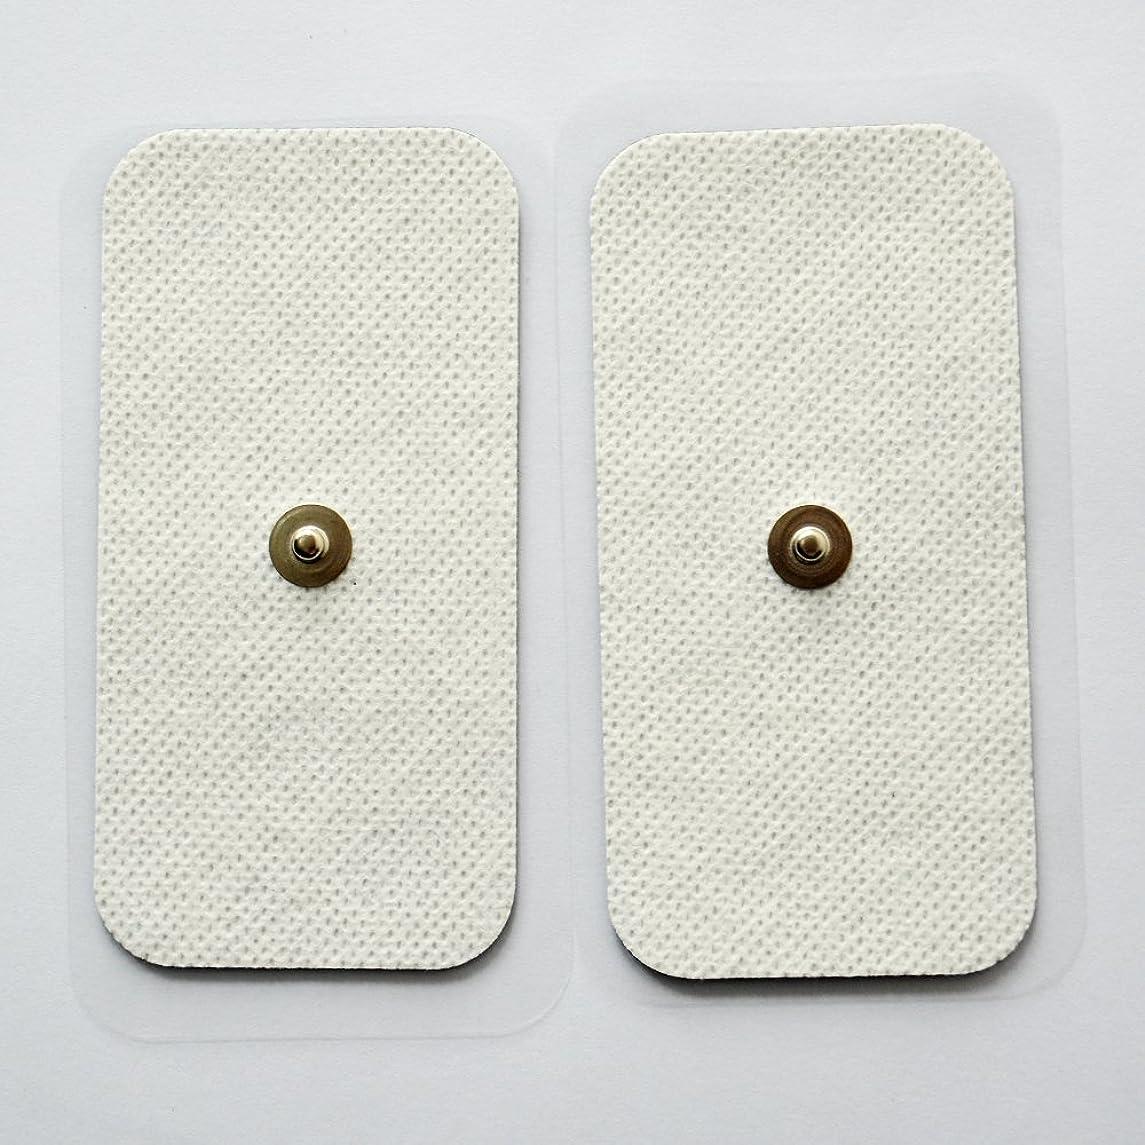 無コンデンサー第五Konmed 粘着パッド 低周波用 電極パッド 20ペア/40枚入り, 角形5cm*10cm